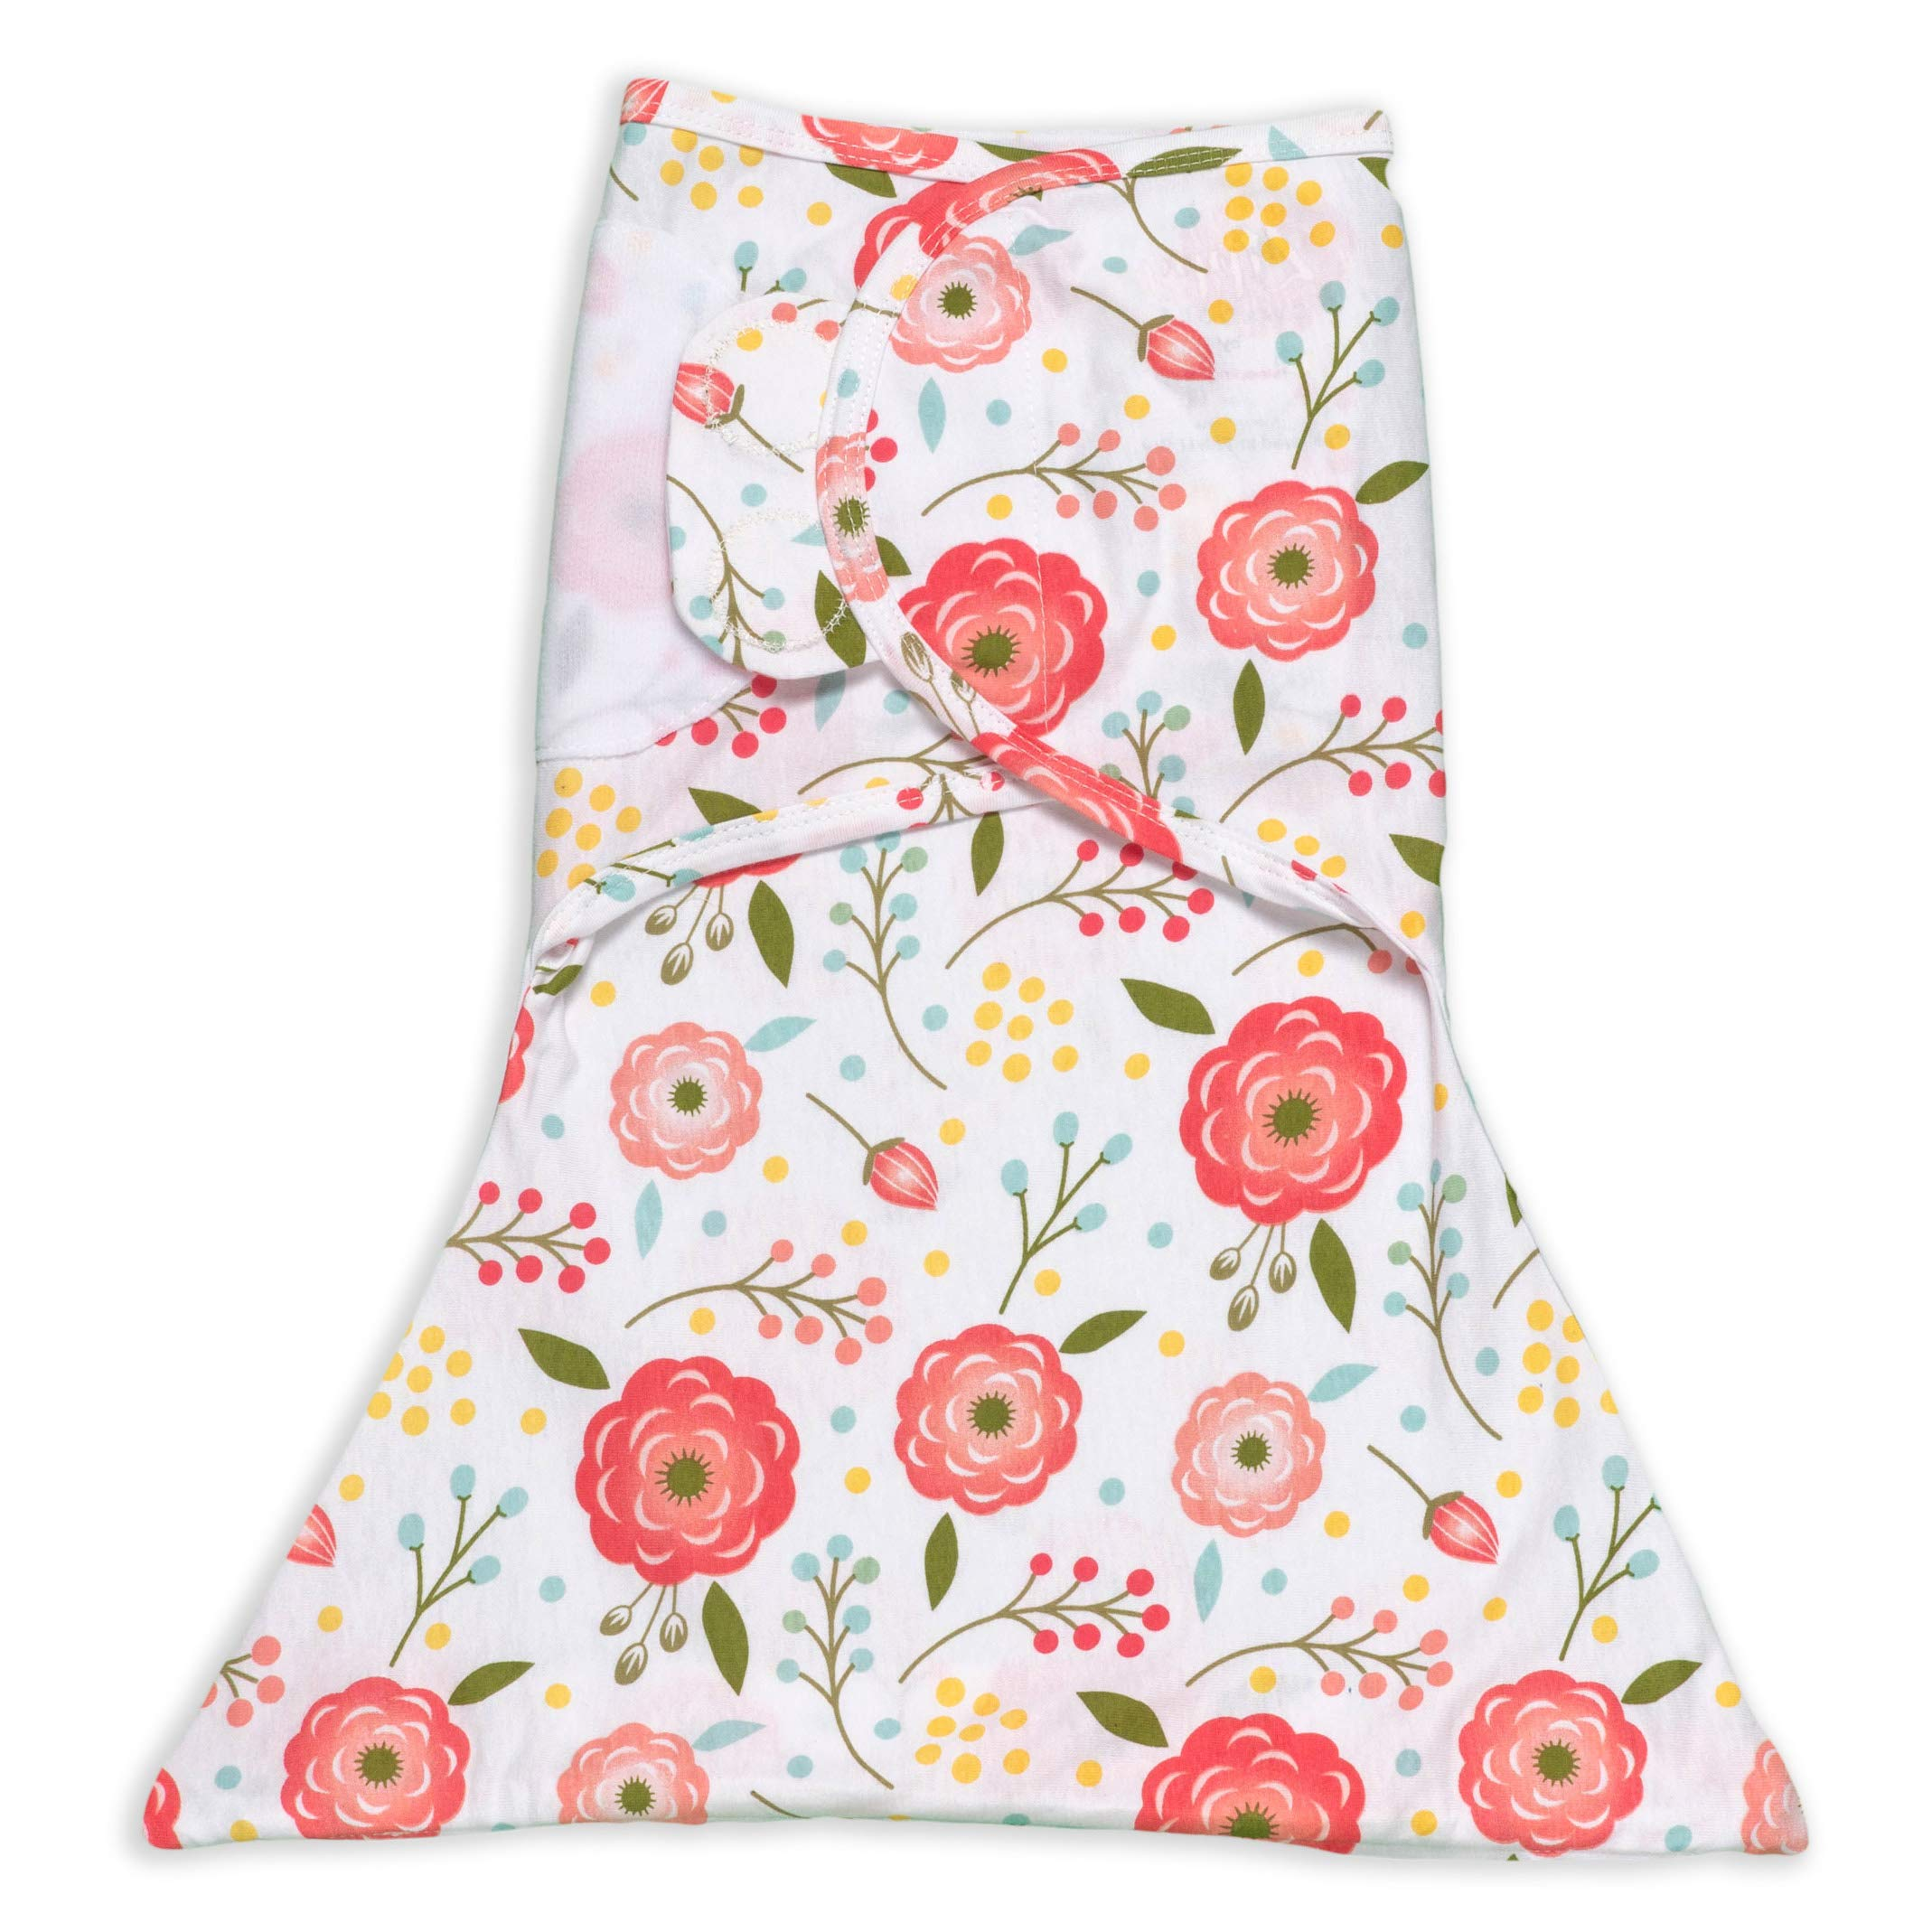 SleepingBaby Zippy Swaddle - Baby Swaddle Blanket with Bottom Zipper, Cozy Baby Swaddle Wrap and Baby Sleep Sack (Medium/Large, Pink Poppy)